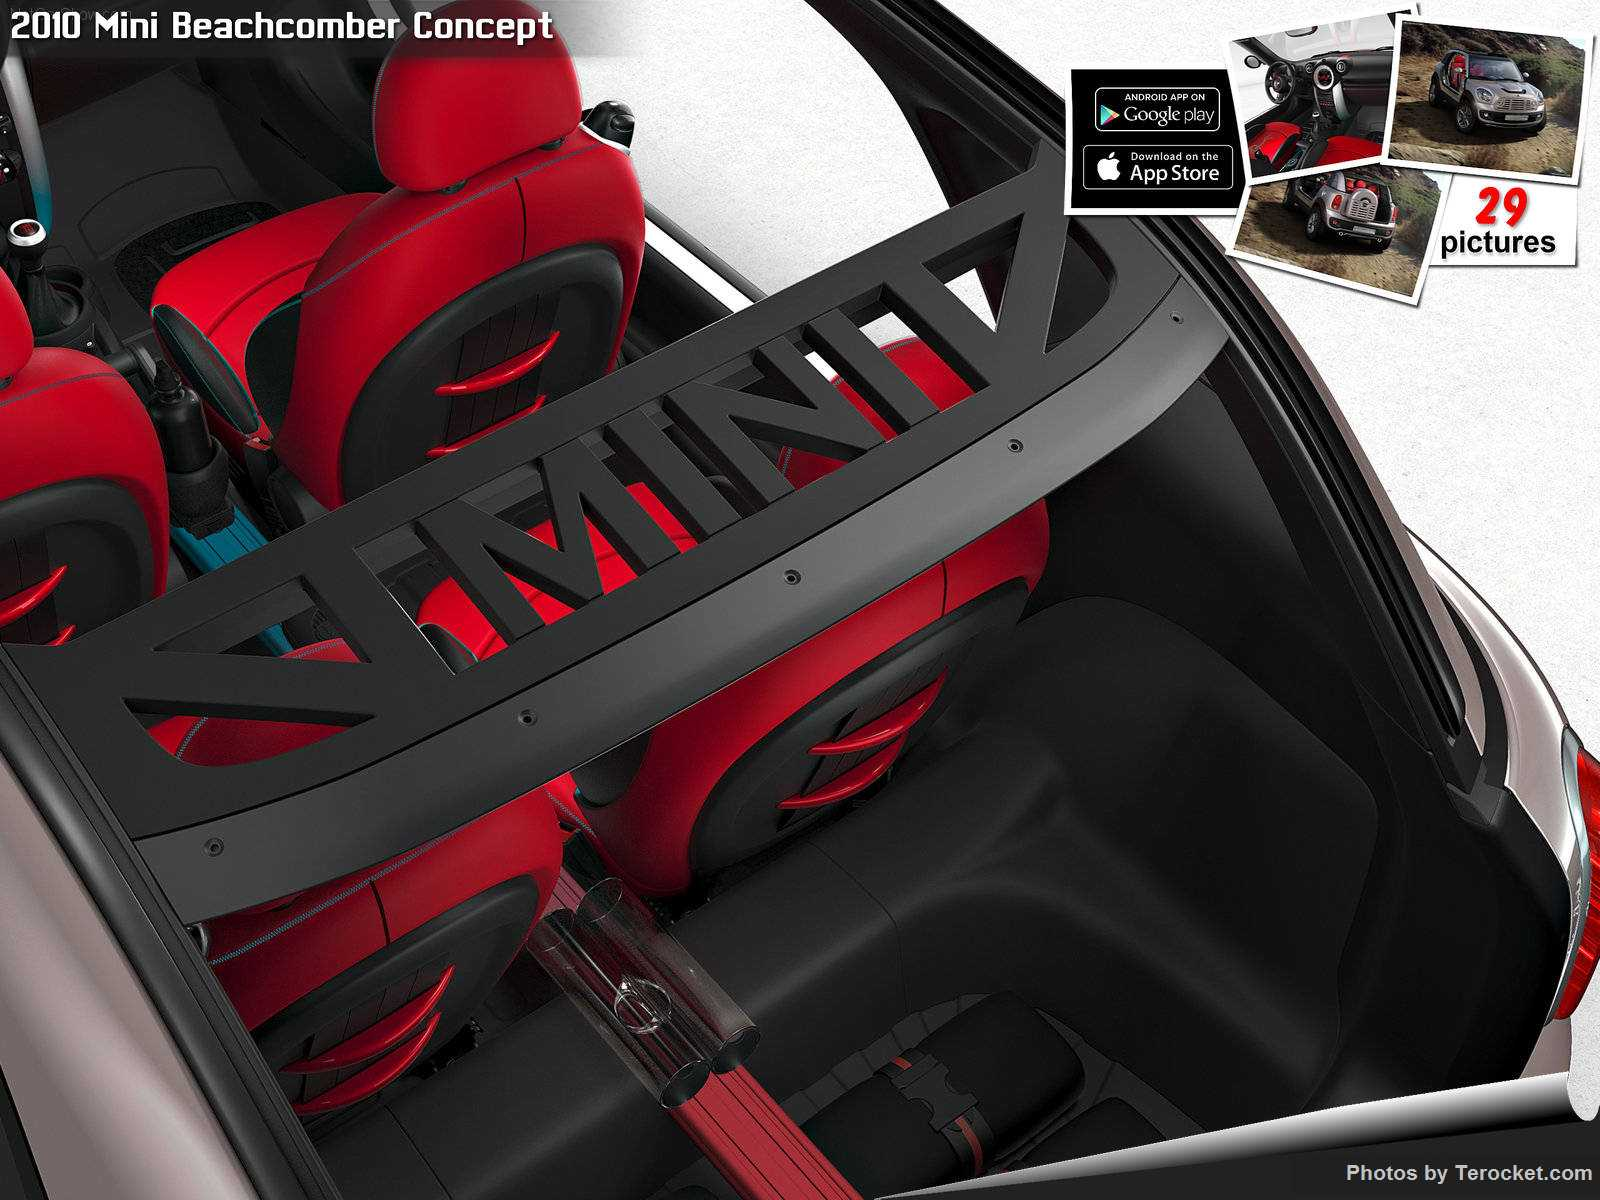 Hình ảnh xe ô tô Mini Beachcomber Concept 2010 & nội ngoại thất